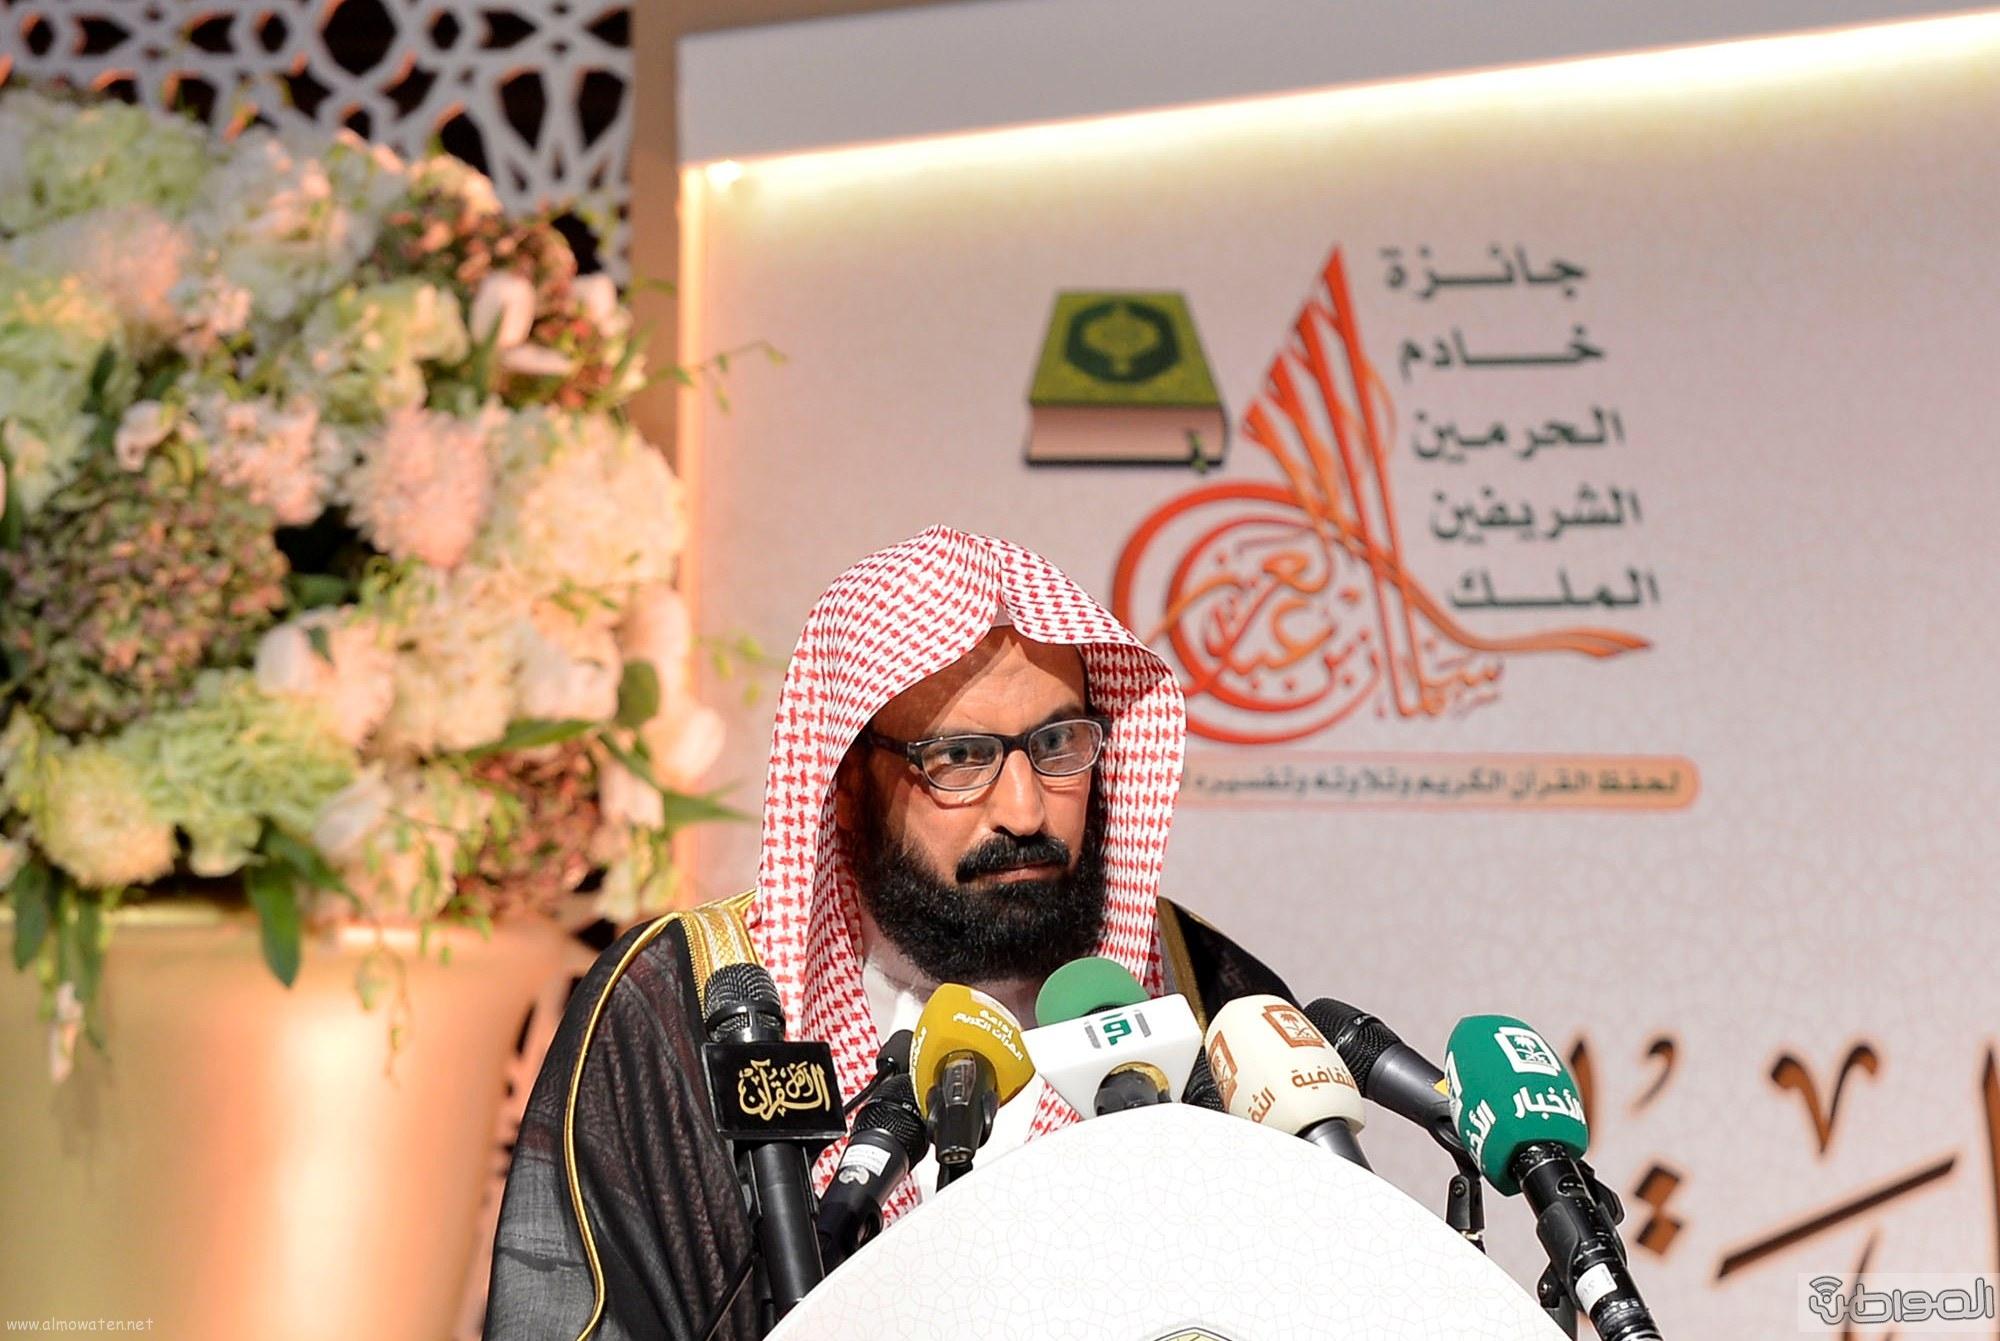 امير منطقة الرياض يرعى حفل اختتام مسابقة جائزة الملك سلمان لحفظ القران الكريم (15)